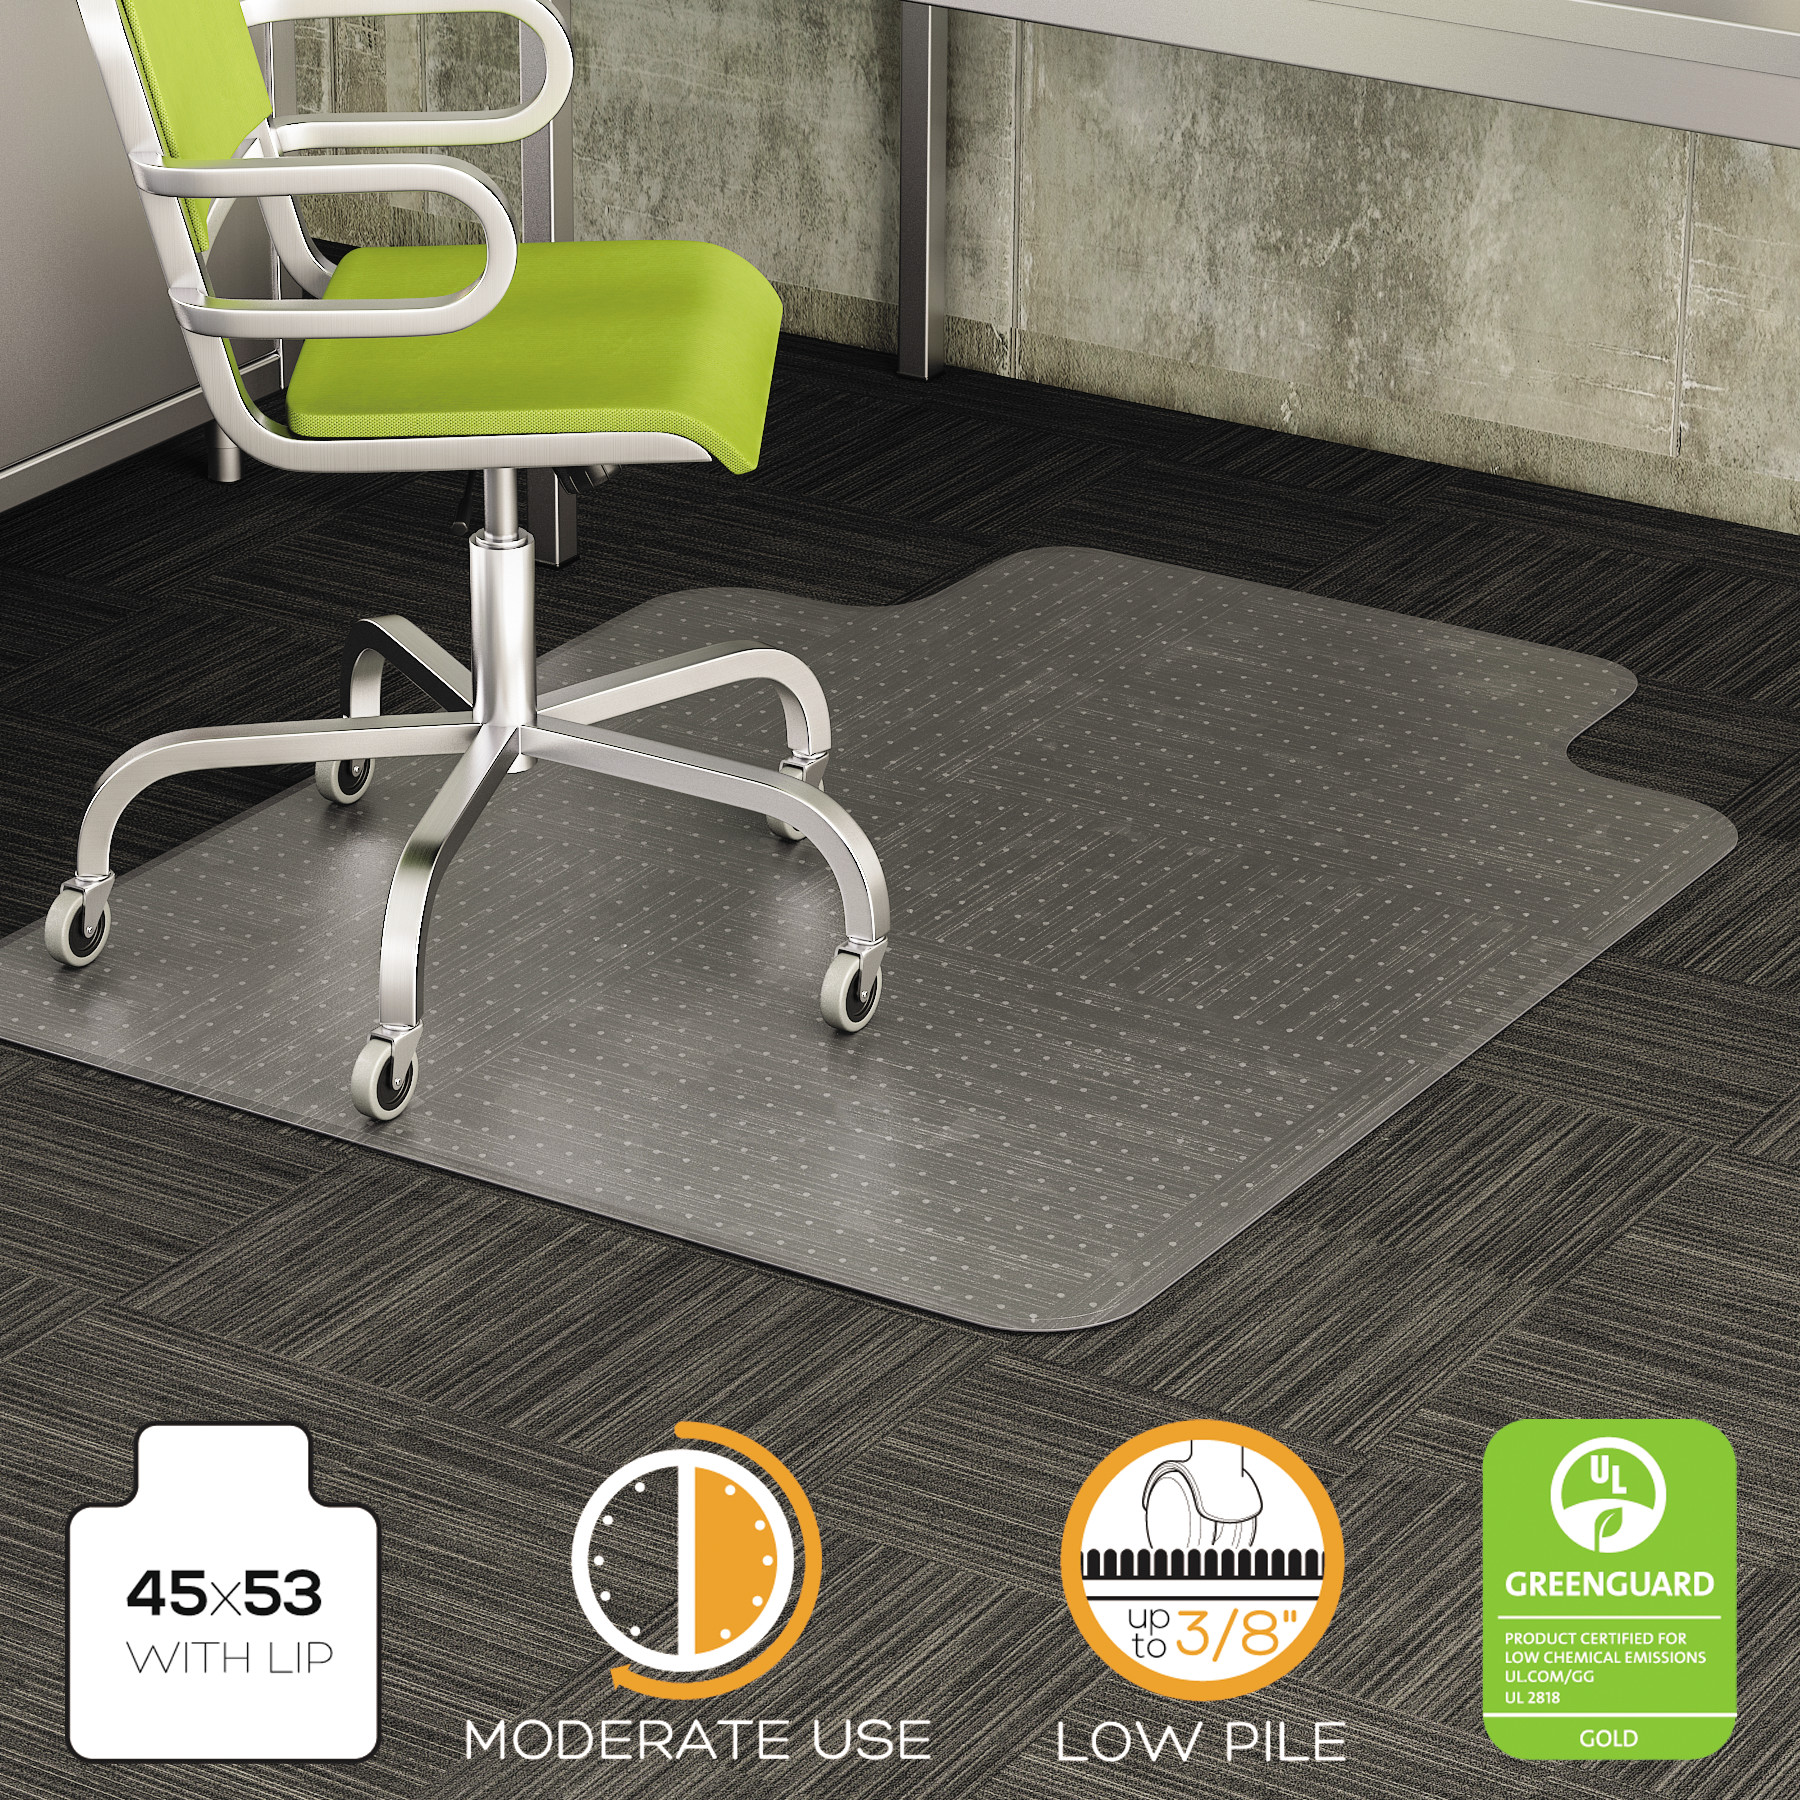 Deflecto DuraMat 45 x 53 Chair Mat for Low Pile Carpet, Rectangular with Lip